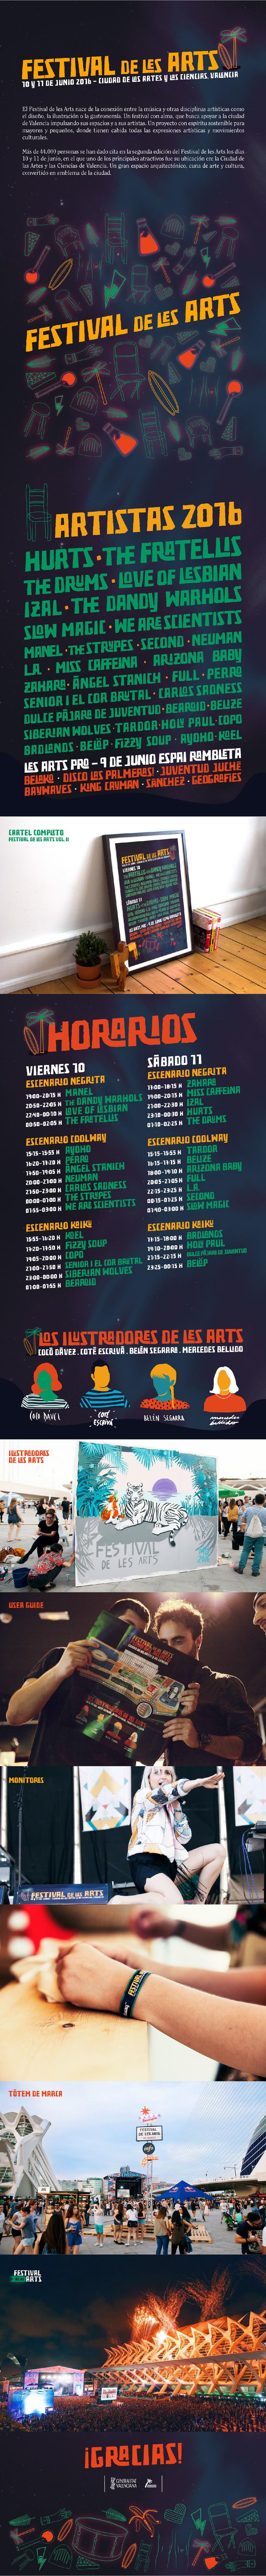 Festival de les Arts · 2016 -1